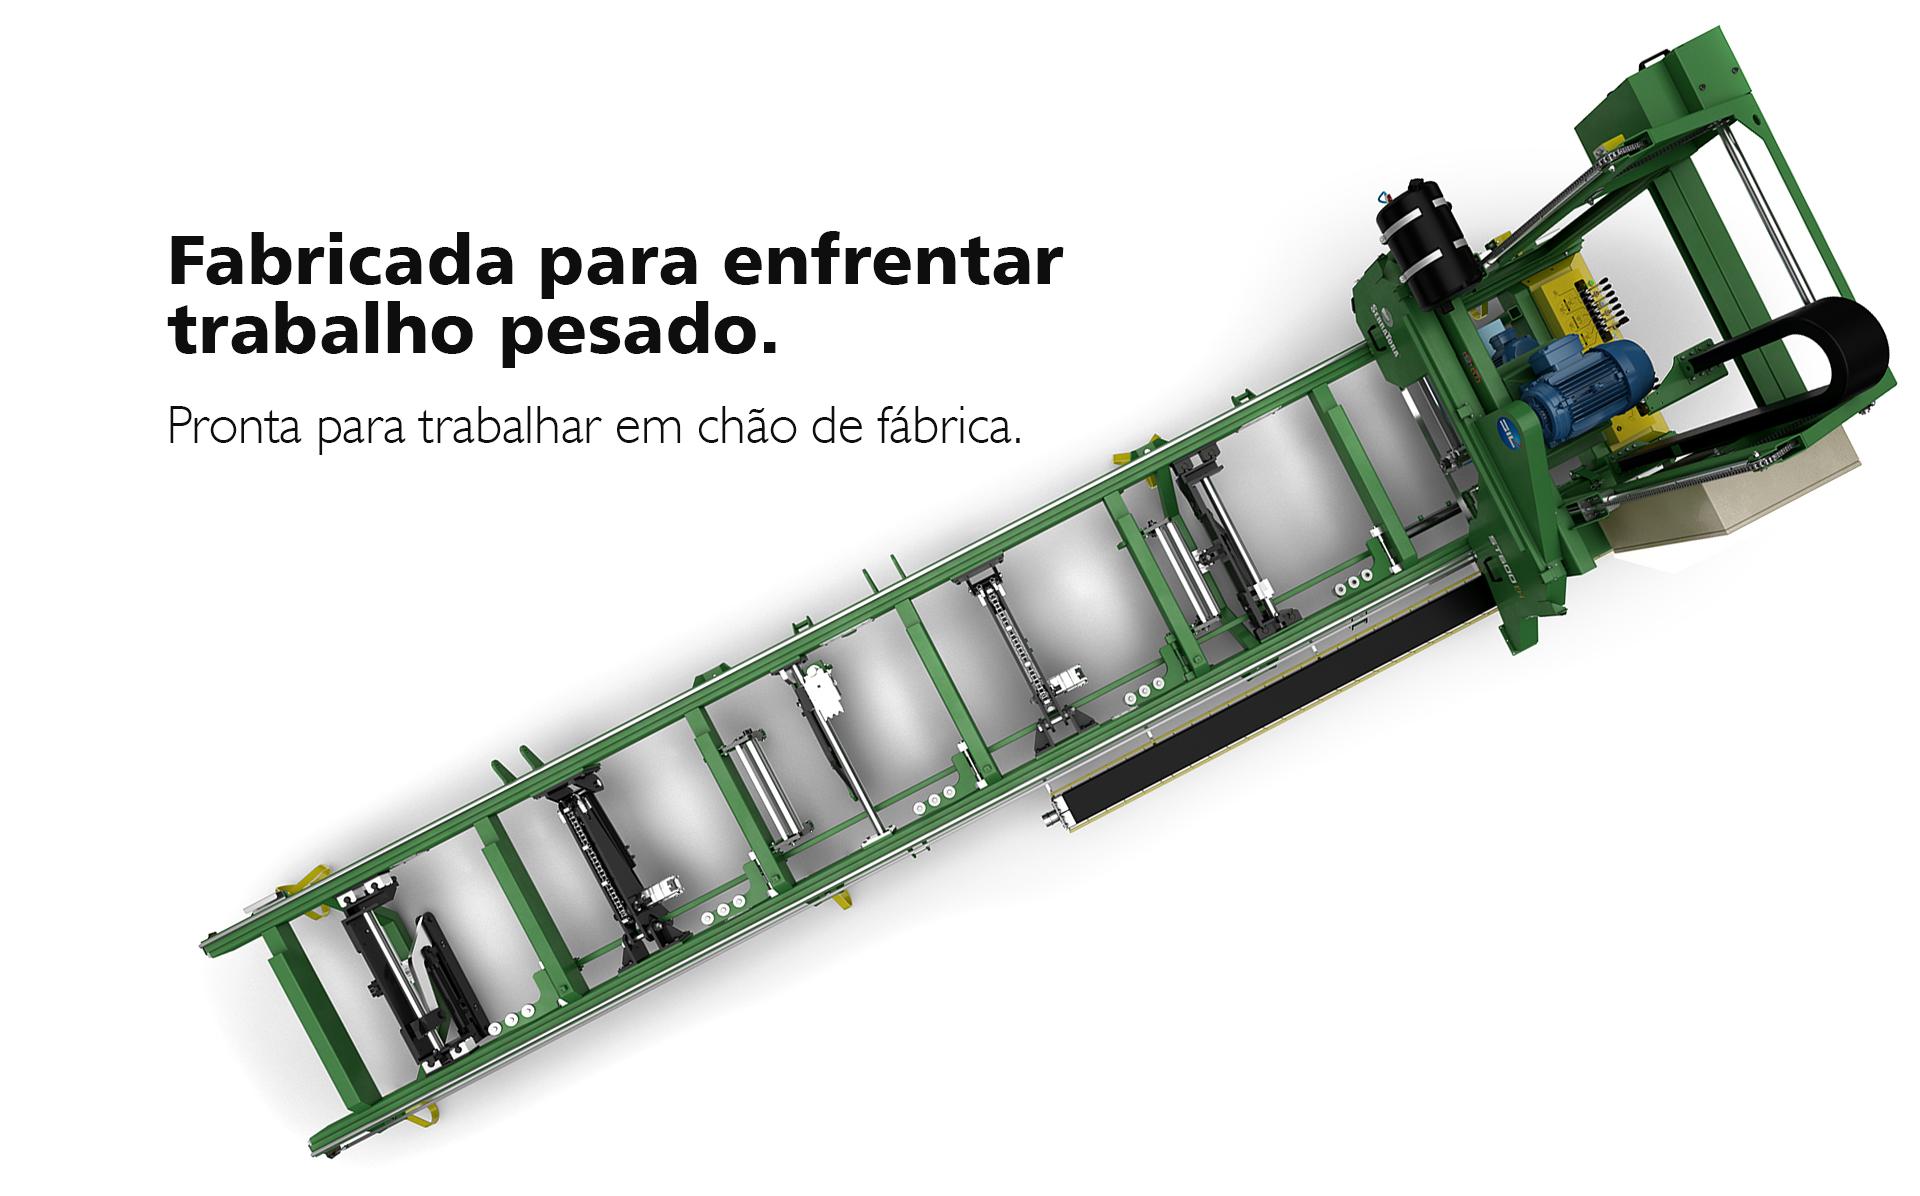 ST600 - A3